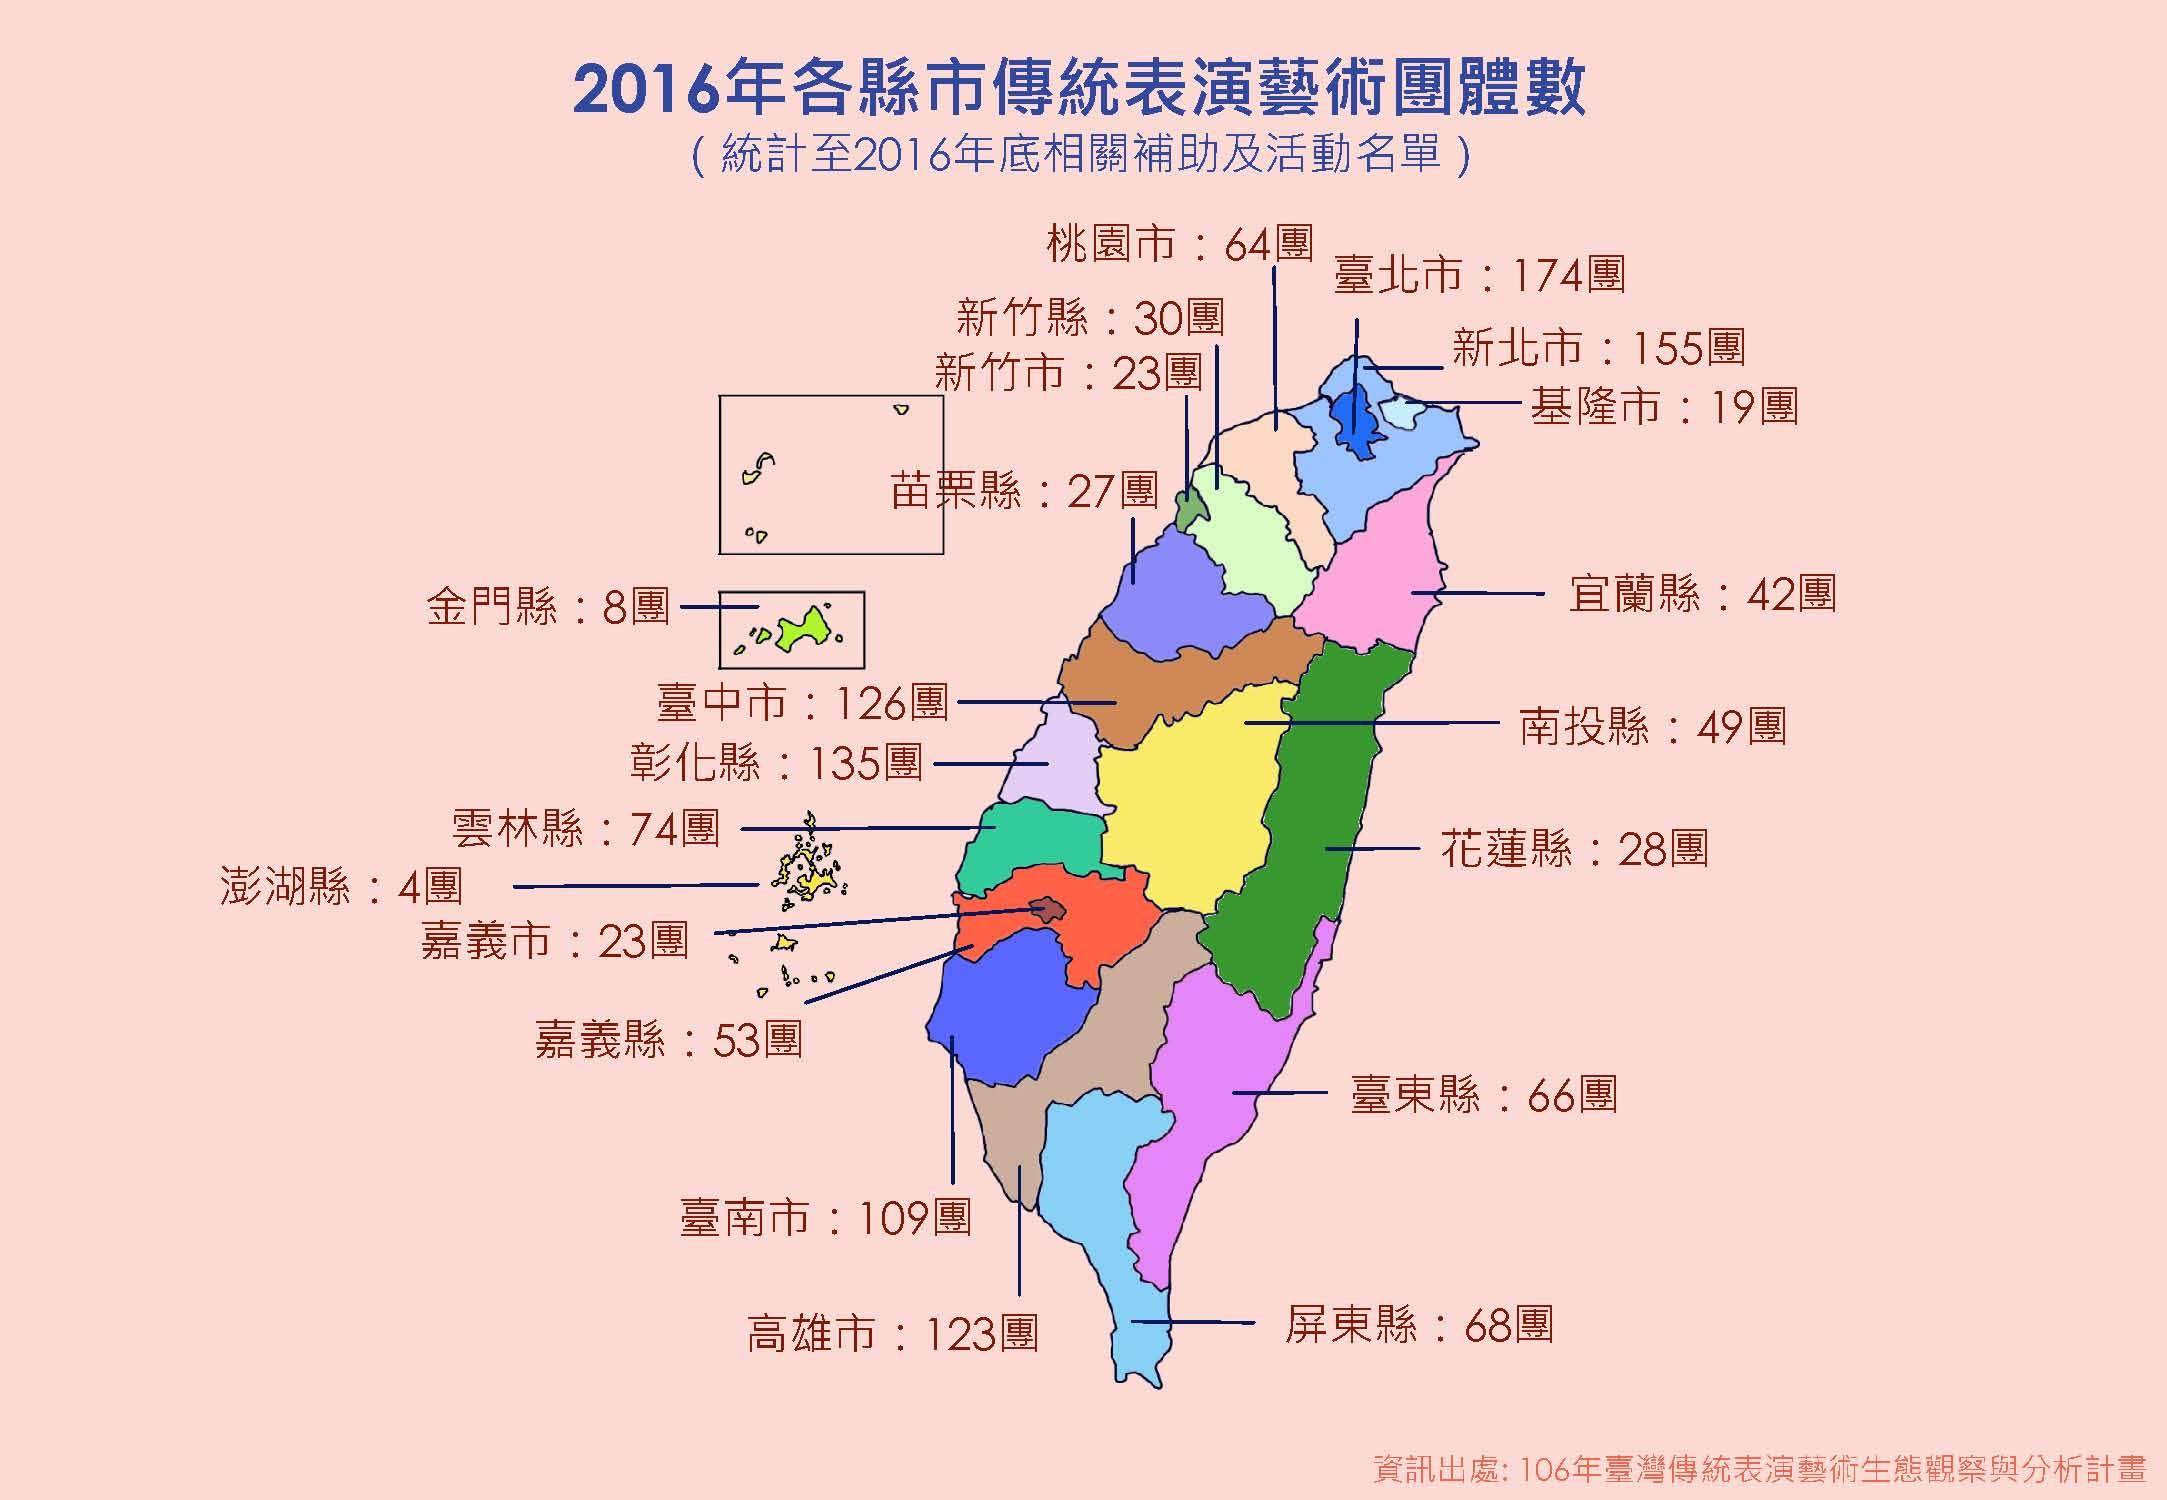 105年各縣市傳統藝術表演團體數量圖.jpg